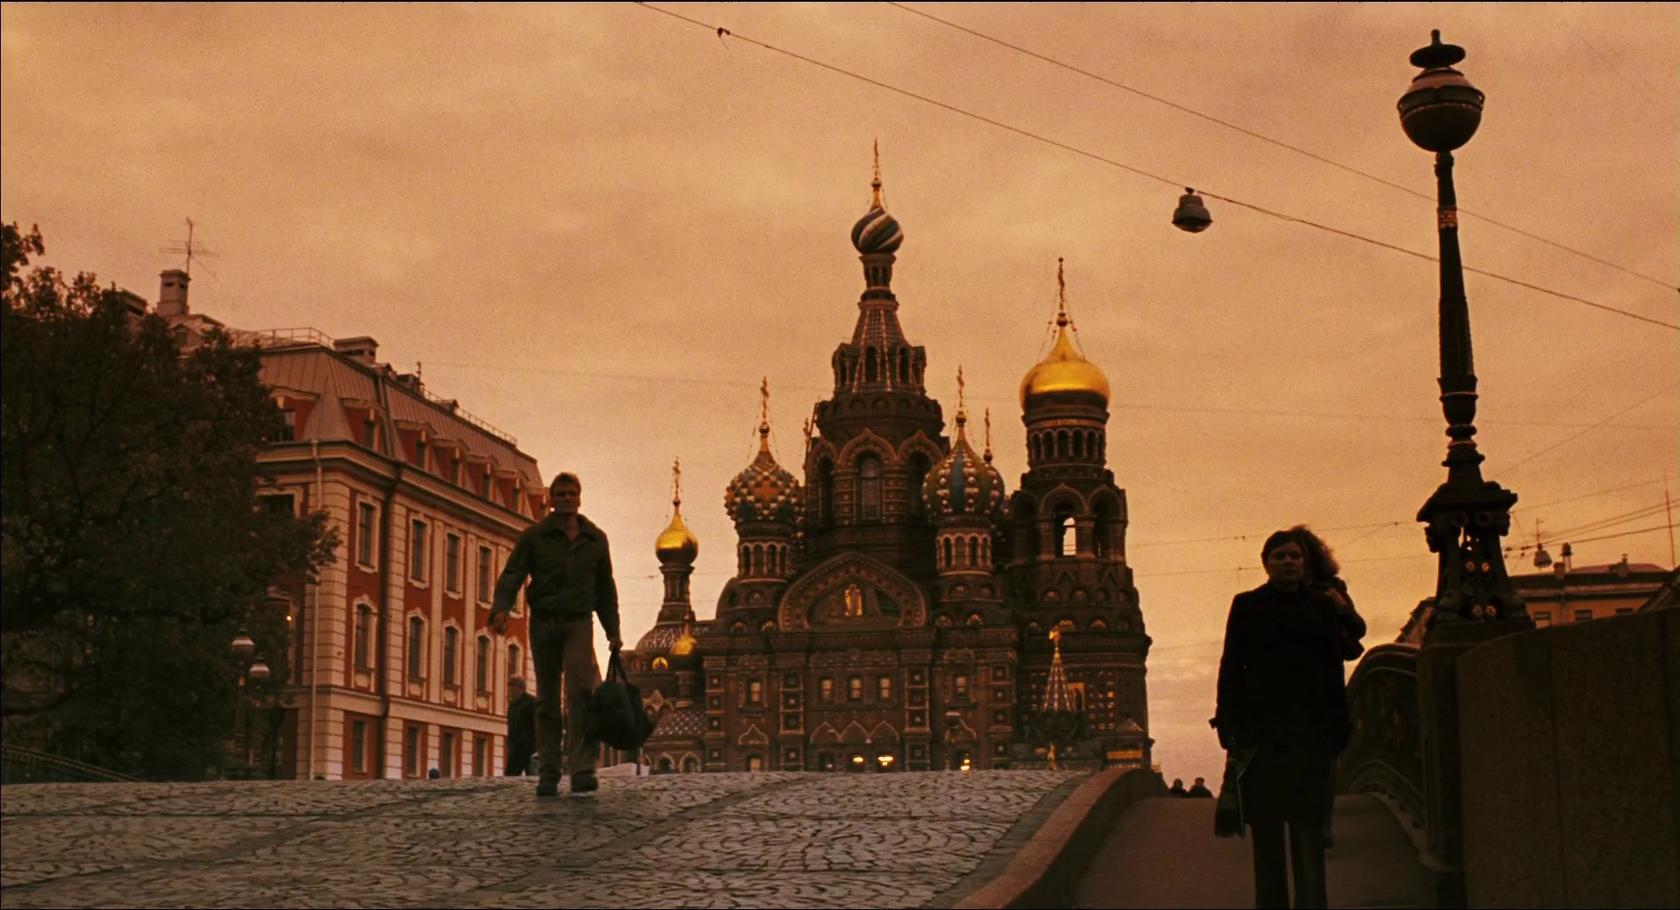 Храм Спаса на Крови – на его фоне, решив все боевые задачи, Лундгрен позирует в заключительных кадрах фильма.